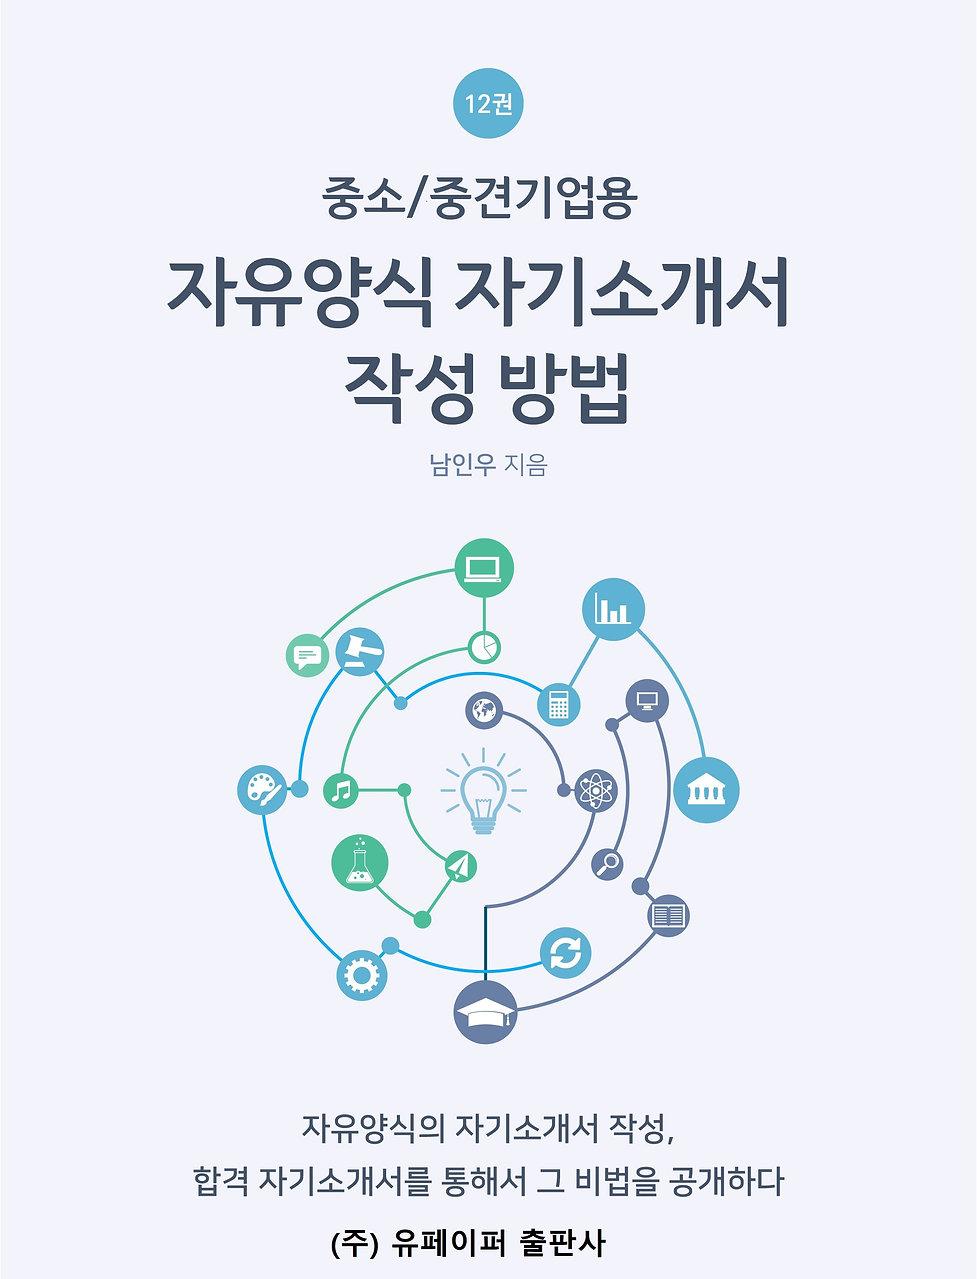 중소 중견 기업용 자유양식 자기 소개서 작성 방법.jpg